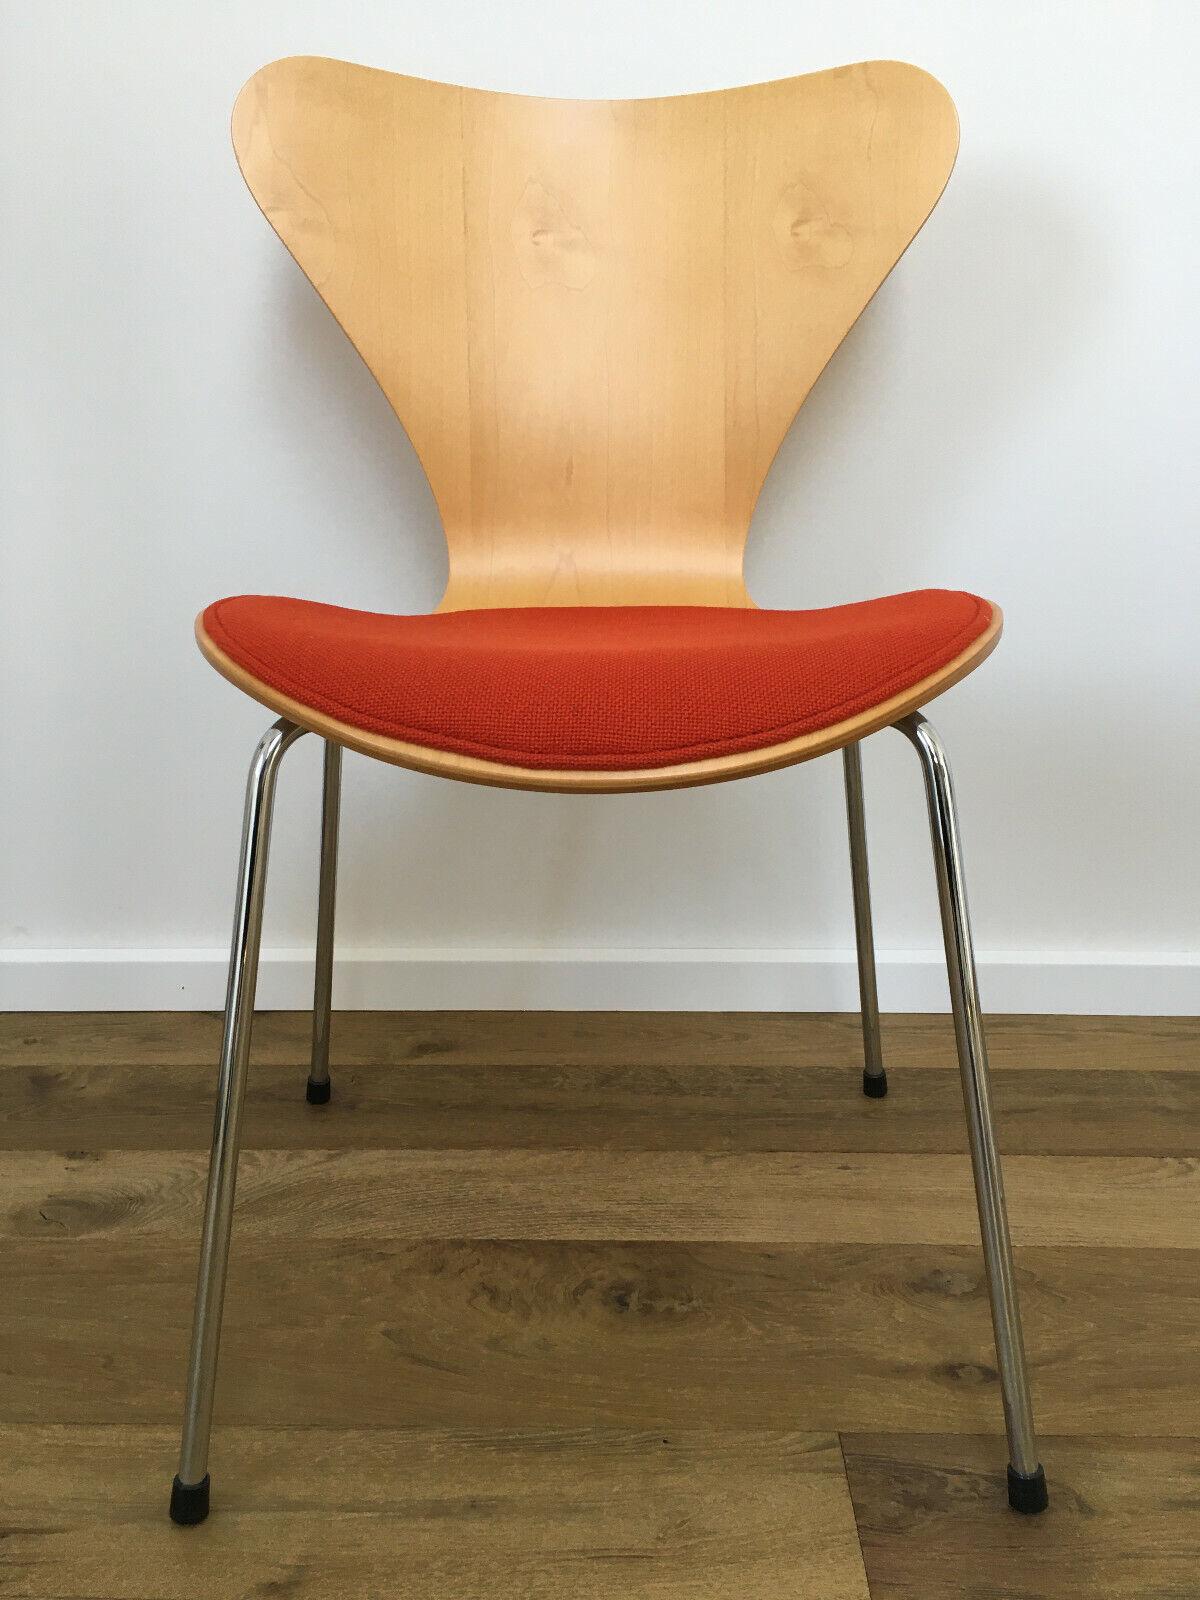 ? Fritz Hansen Stuhl 3107 - Arne Jacobsen - Ahorn/Maple - Superzustand 1/6